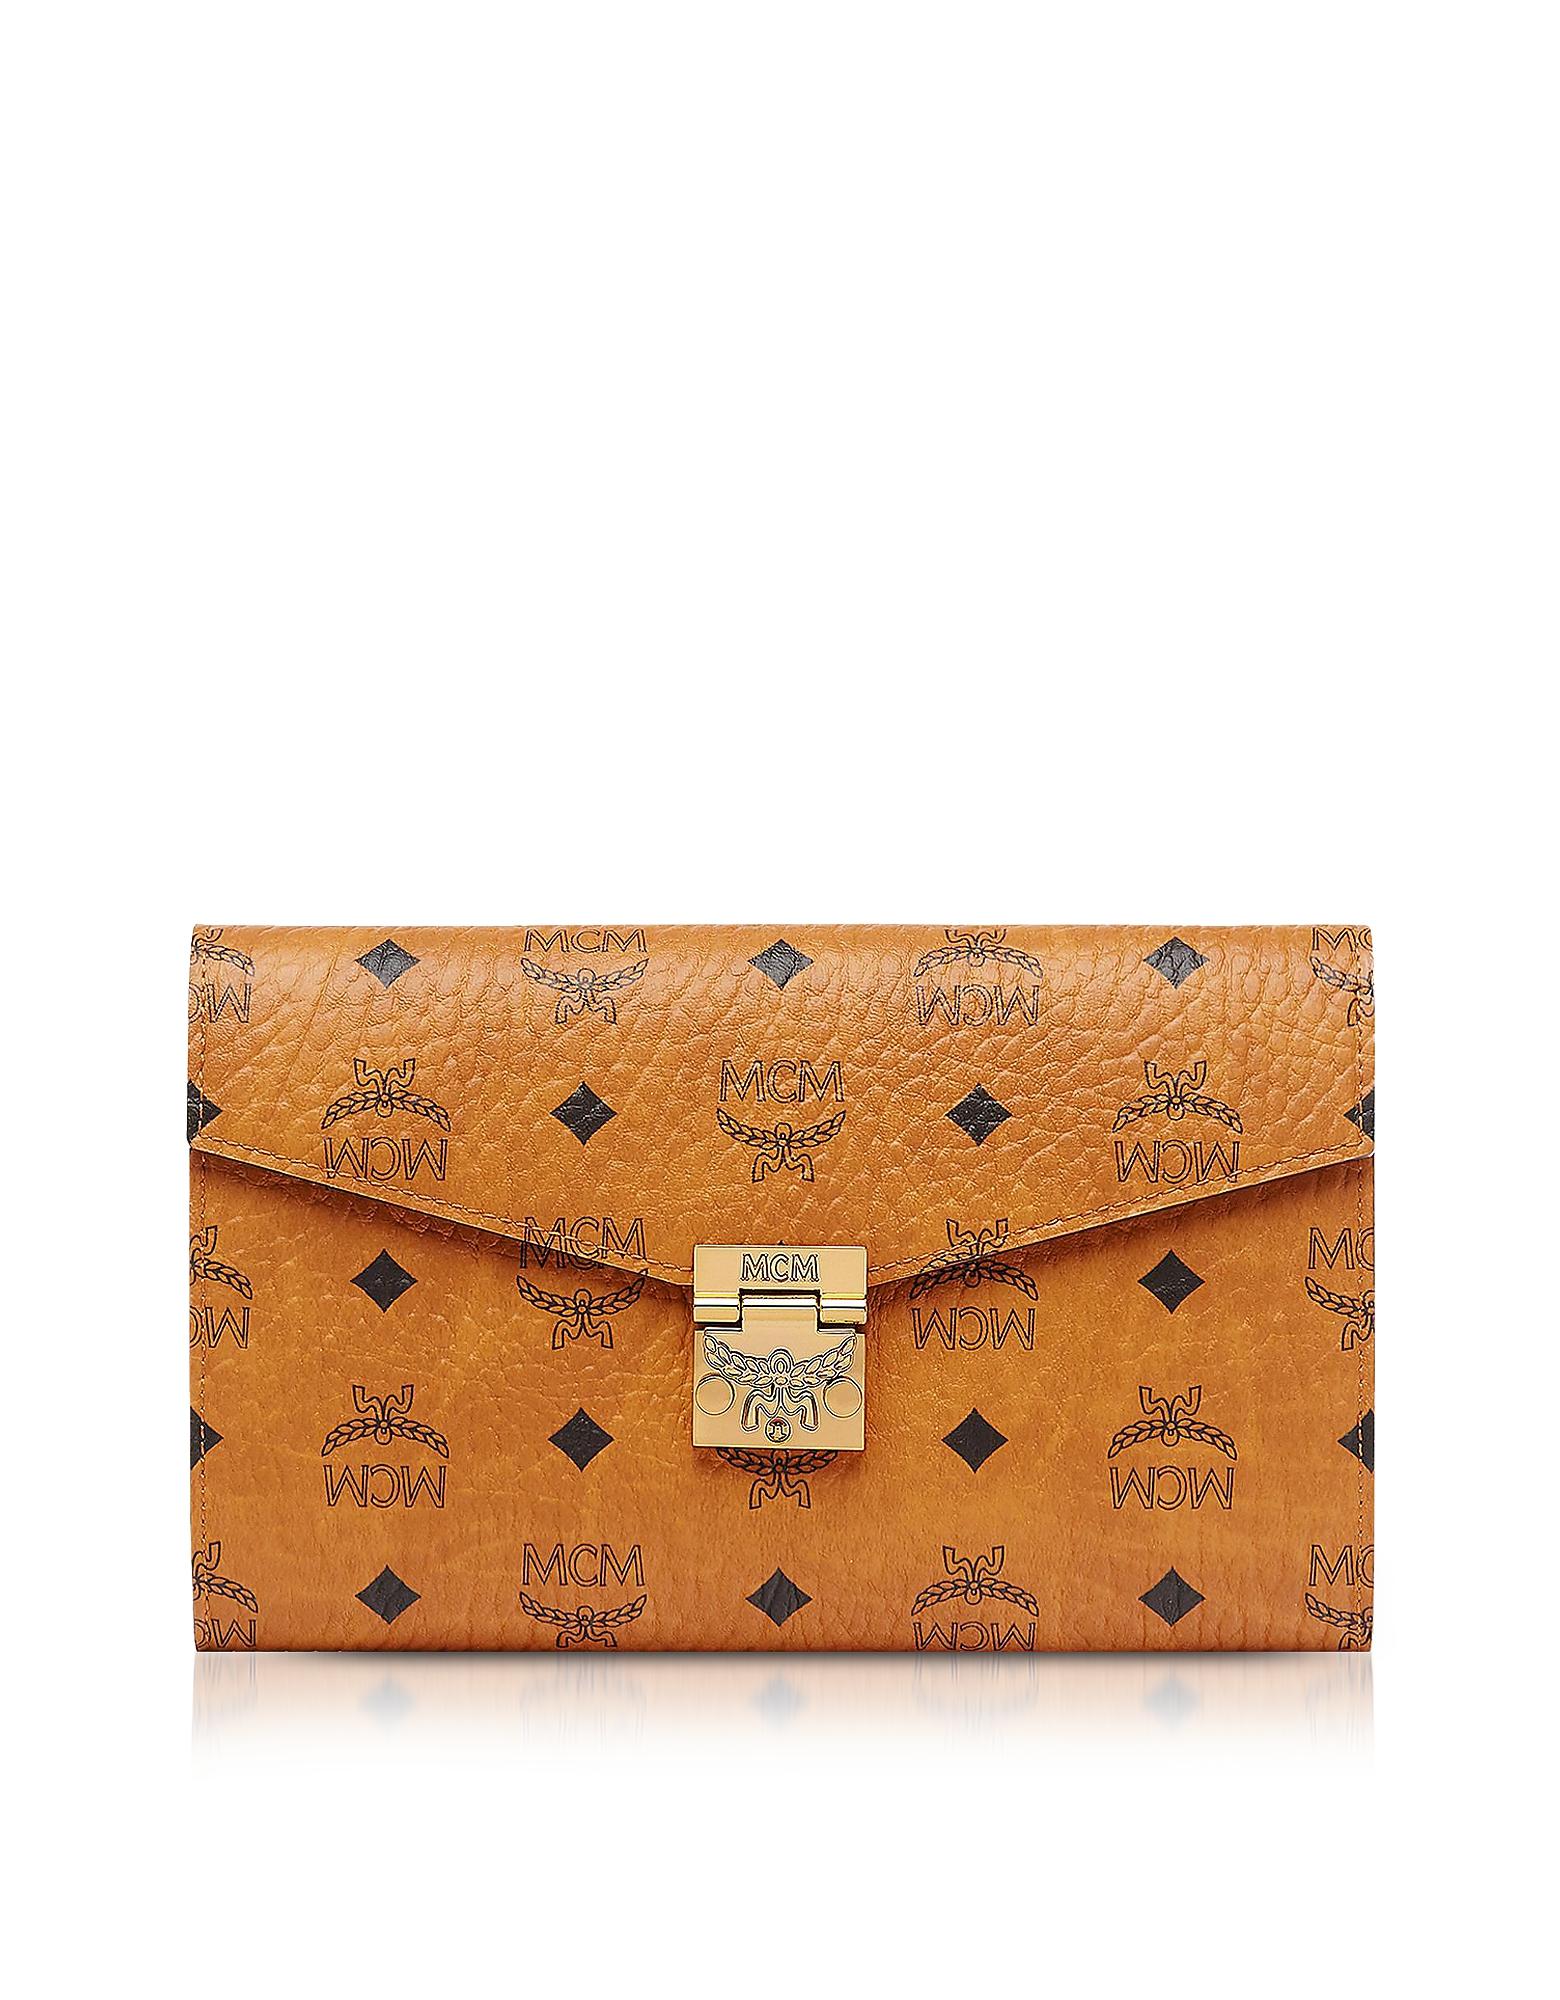 MCM Handbags, Cognac Patricia Visetos Large Wallet Crossbody Bag